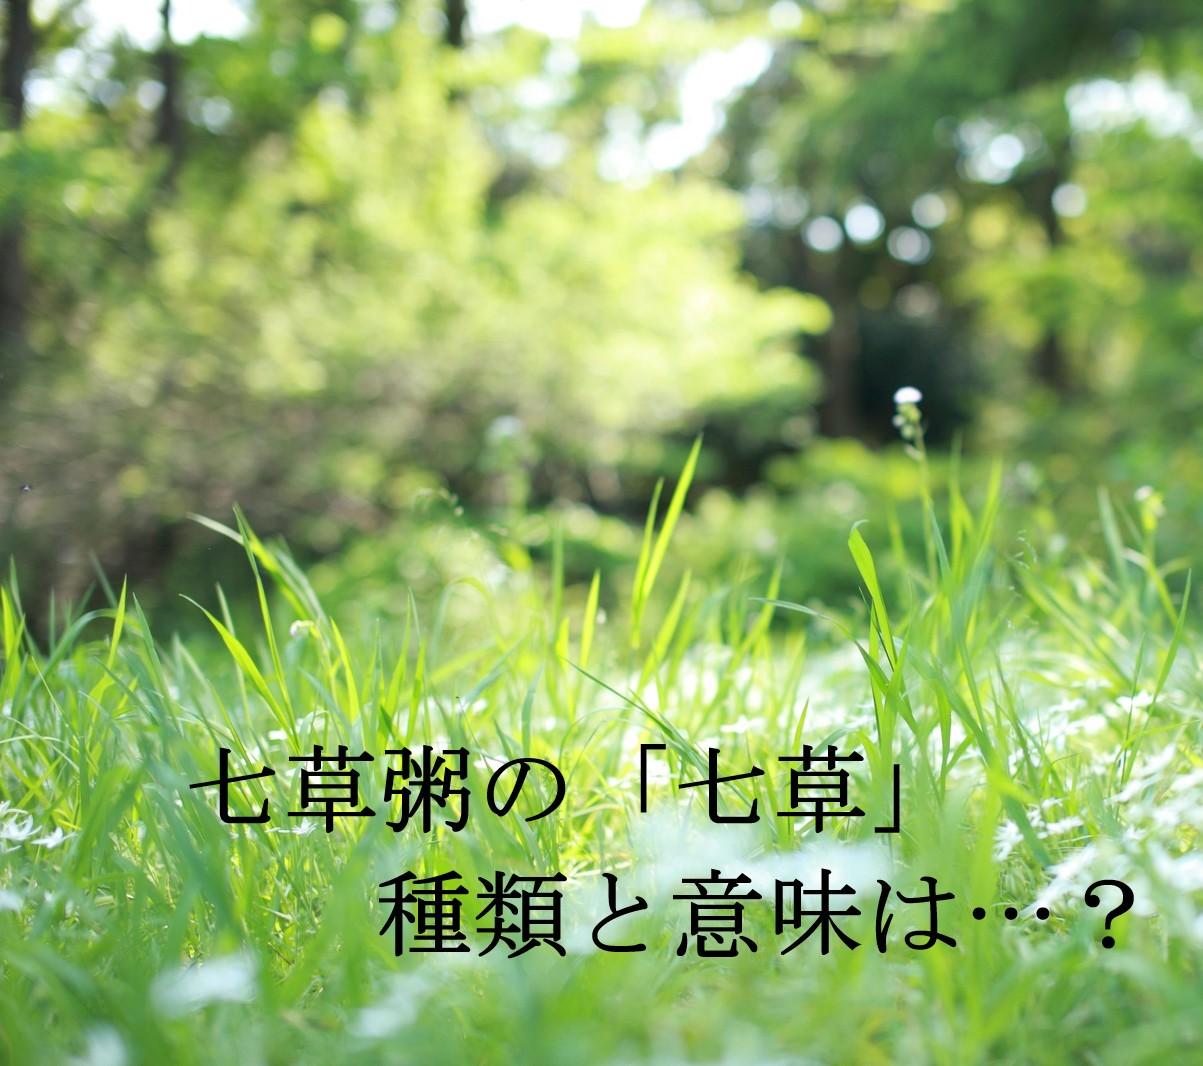 七草粥の「七草」種類・意味を知っていますか?